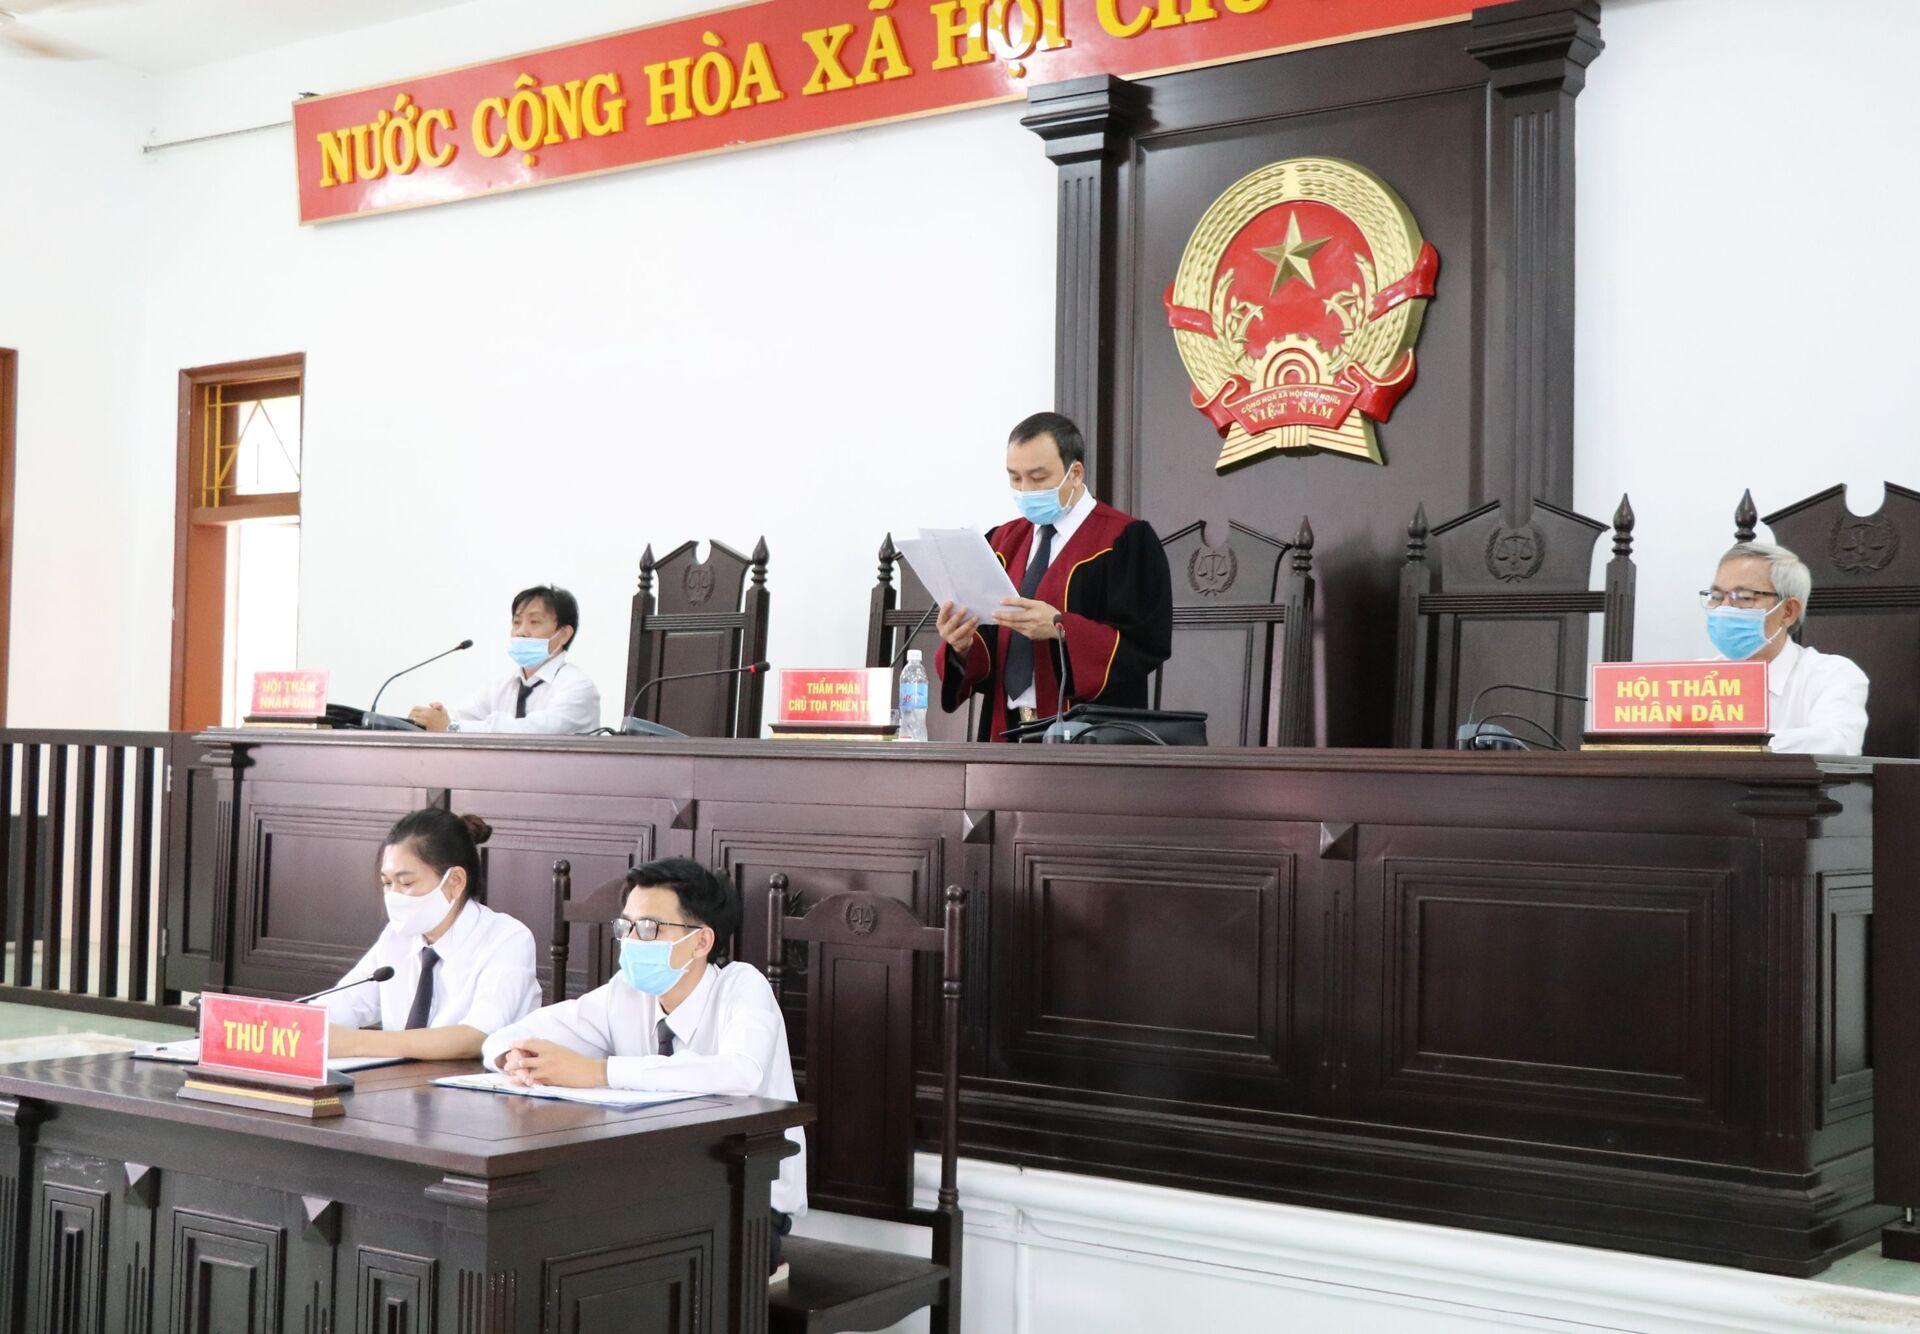 Tuyên án vụ lộ đề thi công chức ở Phú Yên - Sputnik Việt Nam, 1920, 05.10.2021